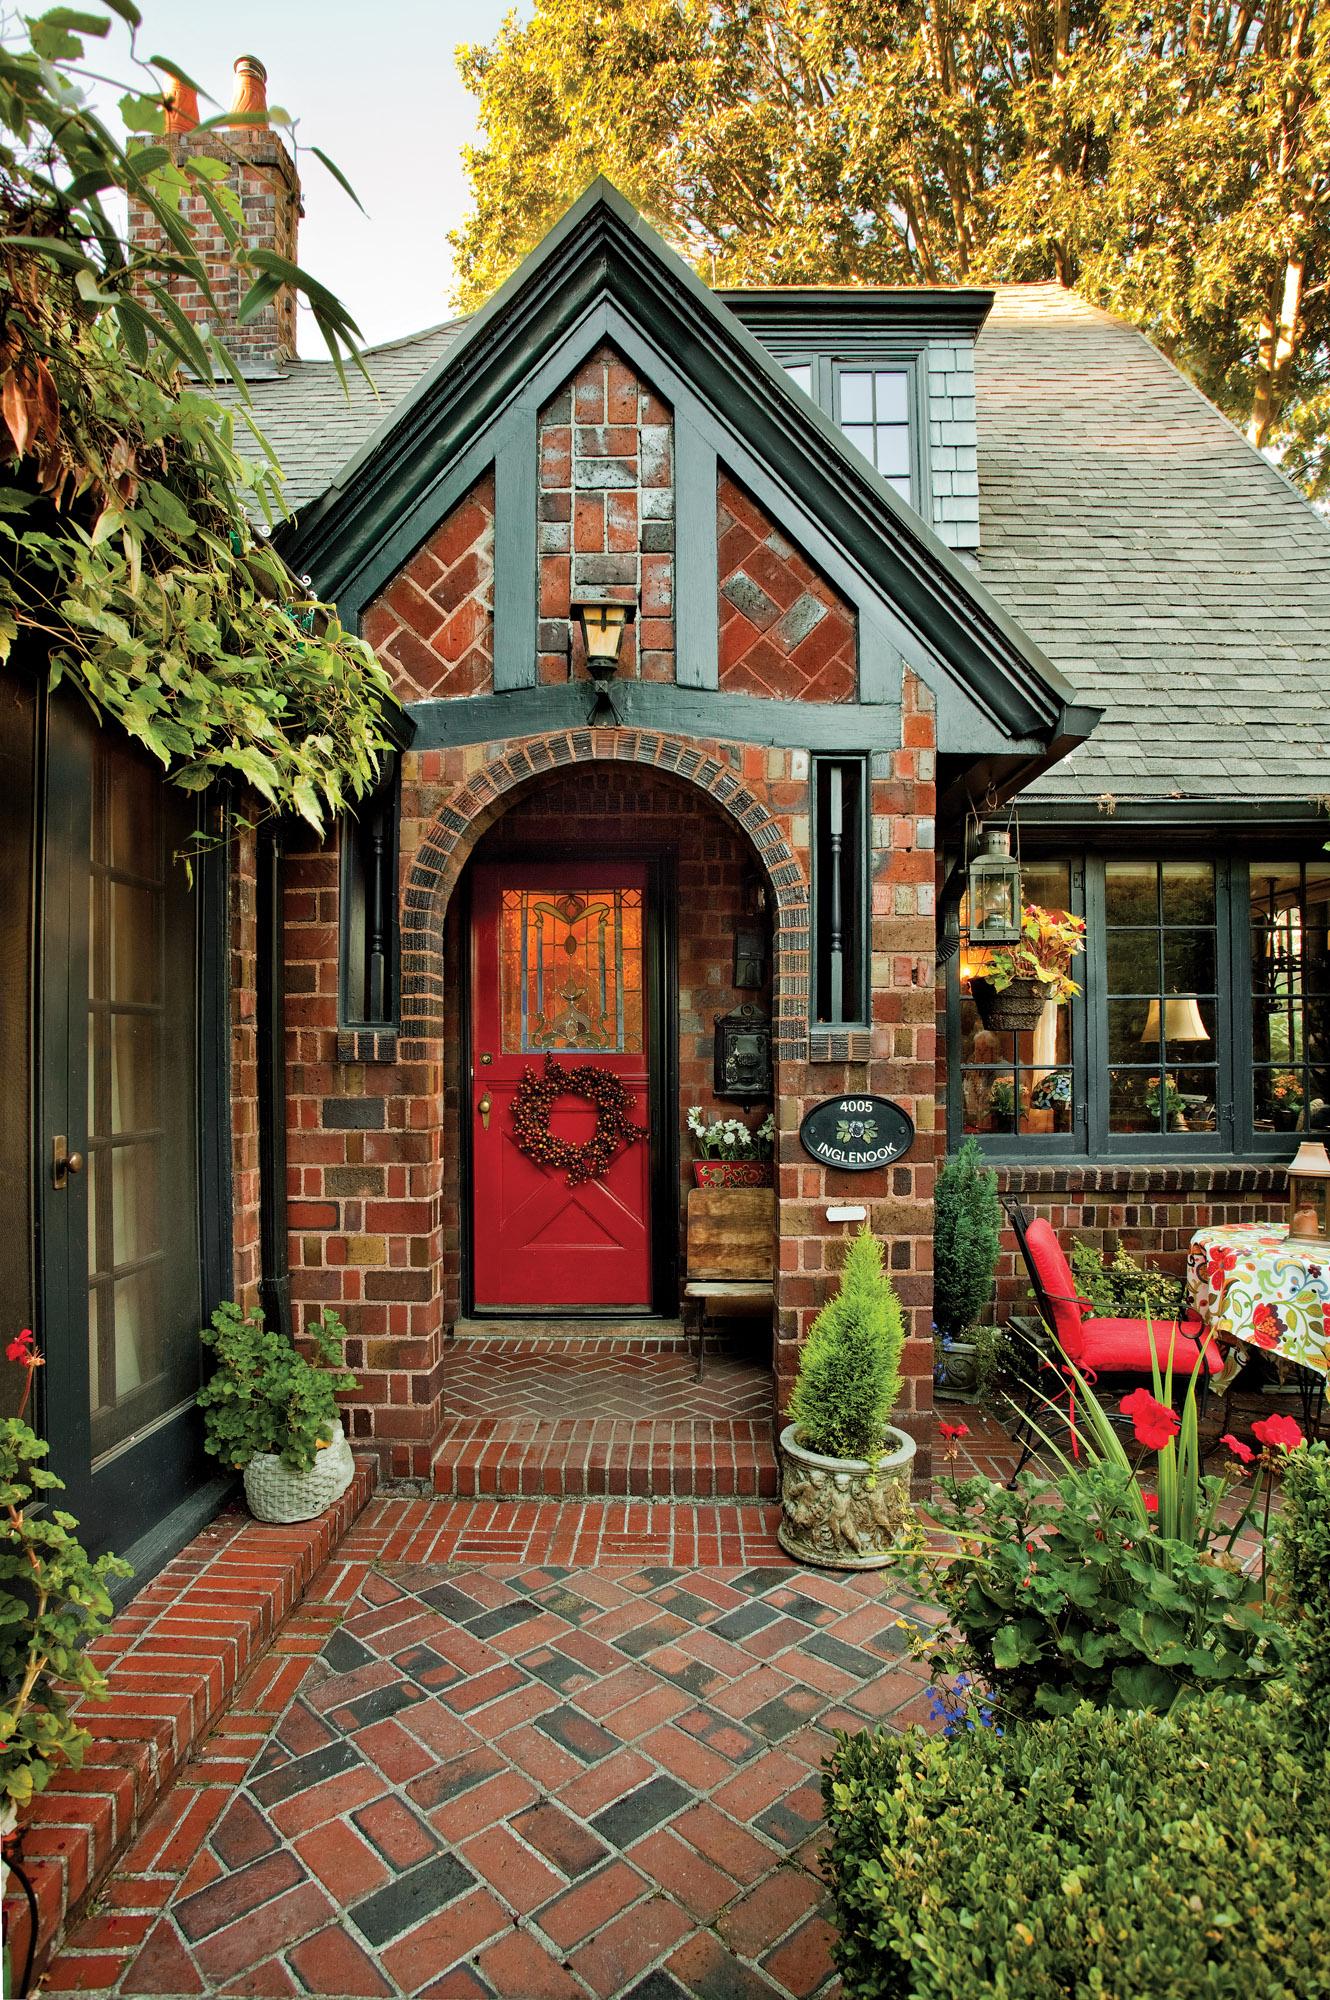 1920s Tudor home, red door, brick home with red door